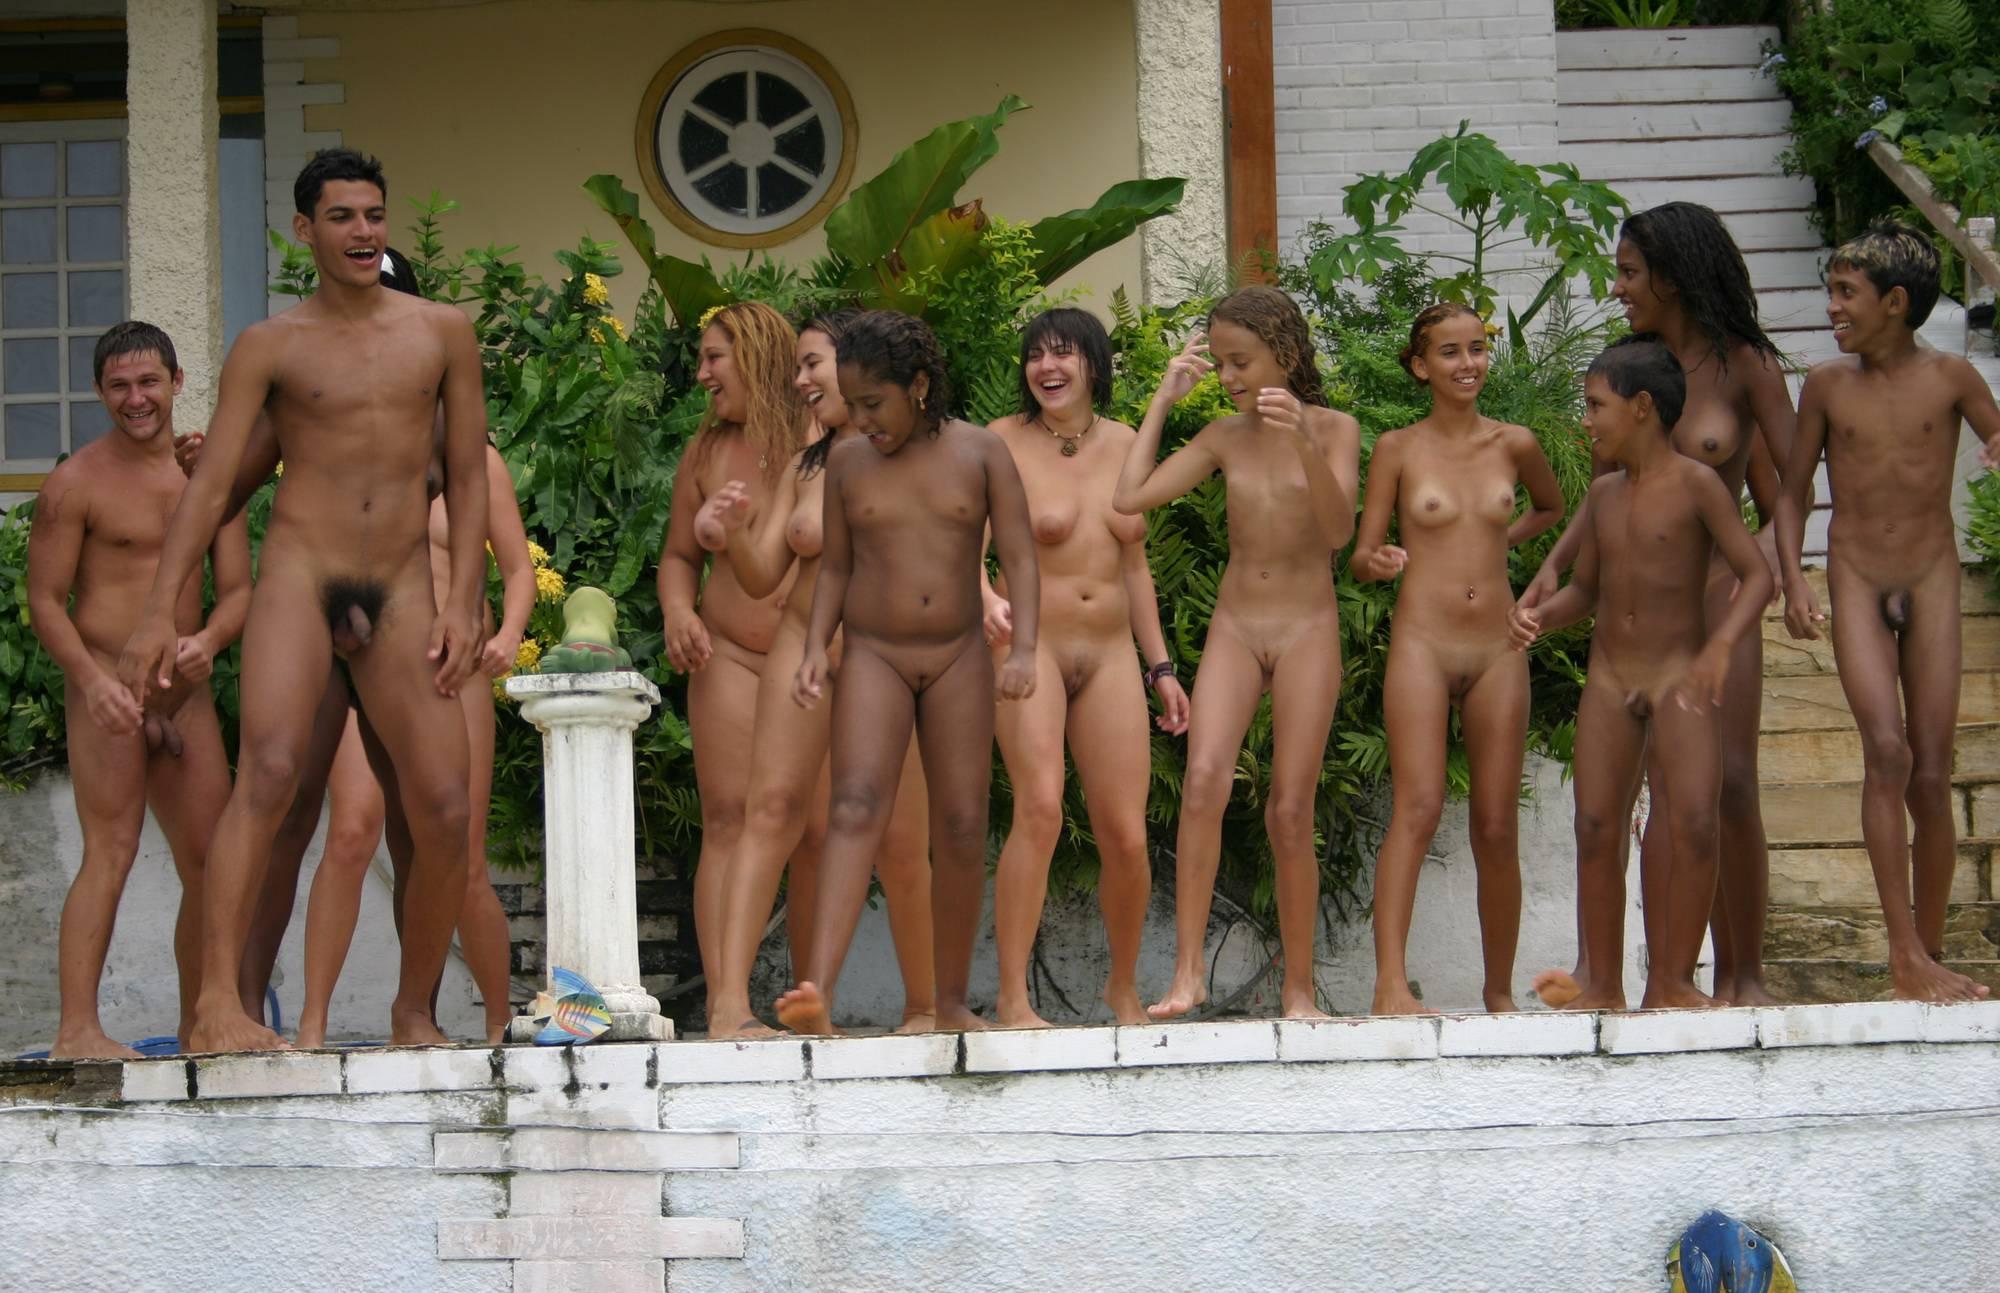 Brazilian Jumping in Pool - 2